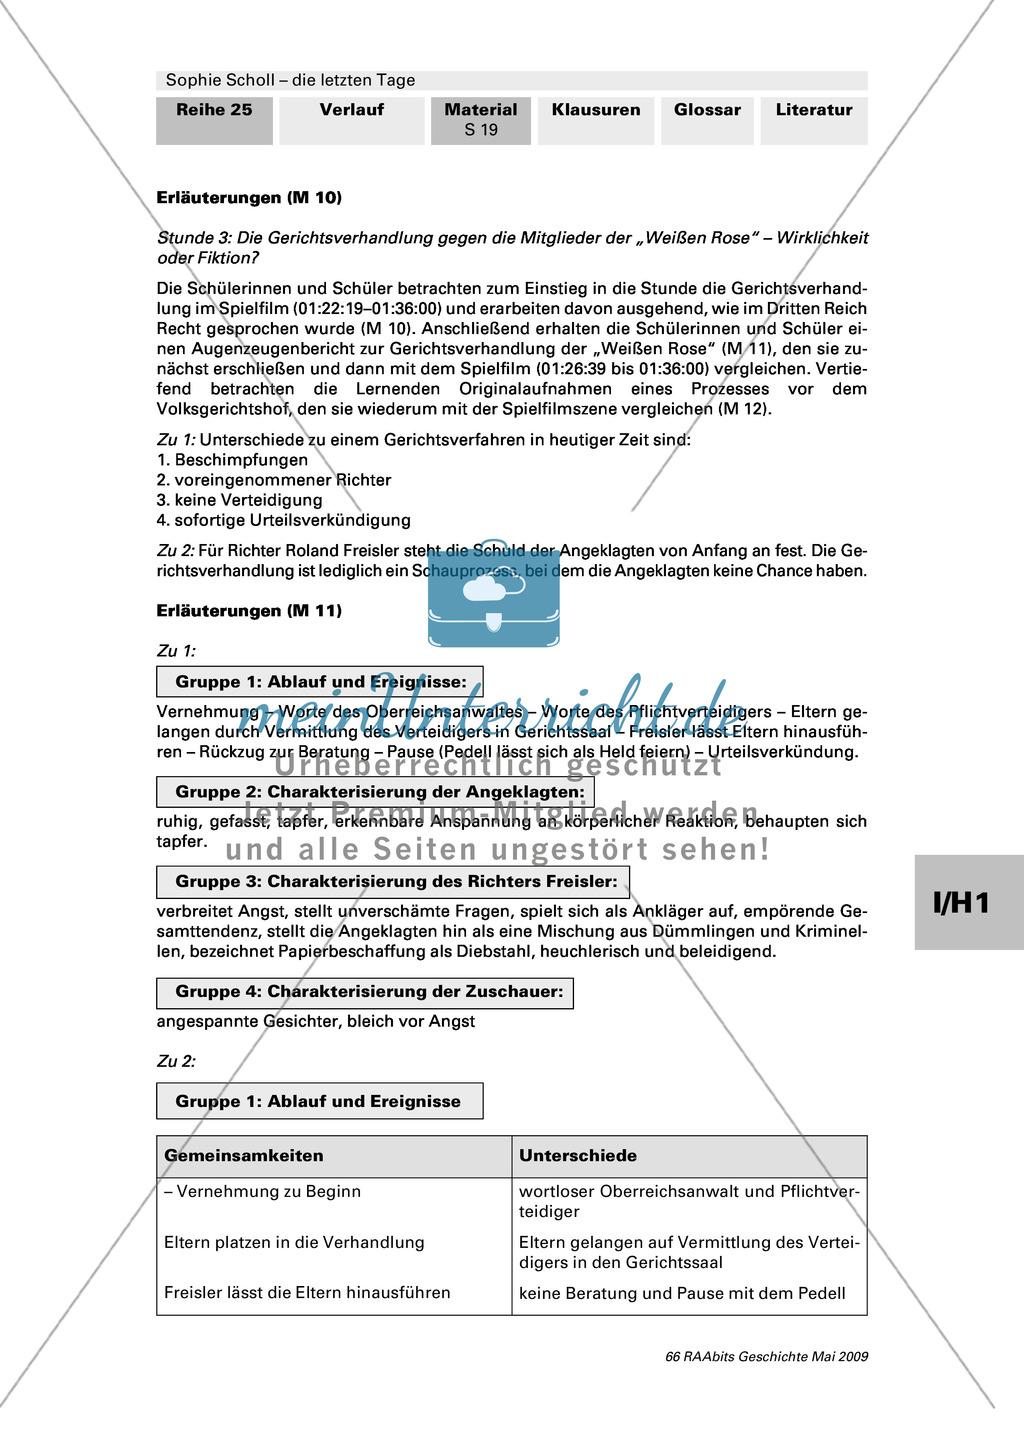 Sophie Scholl - die letzten Tage: Die Gerichtsverhandlung gegen die Mitglieder der